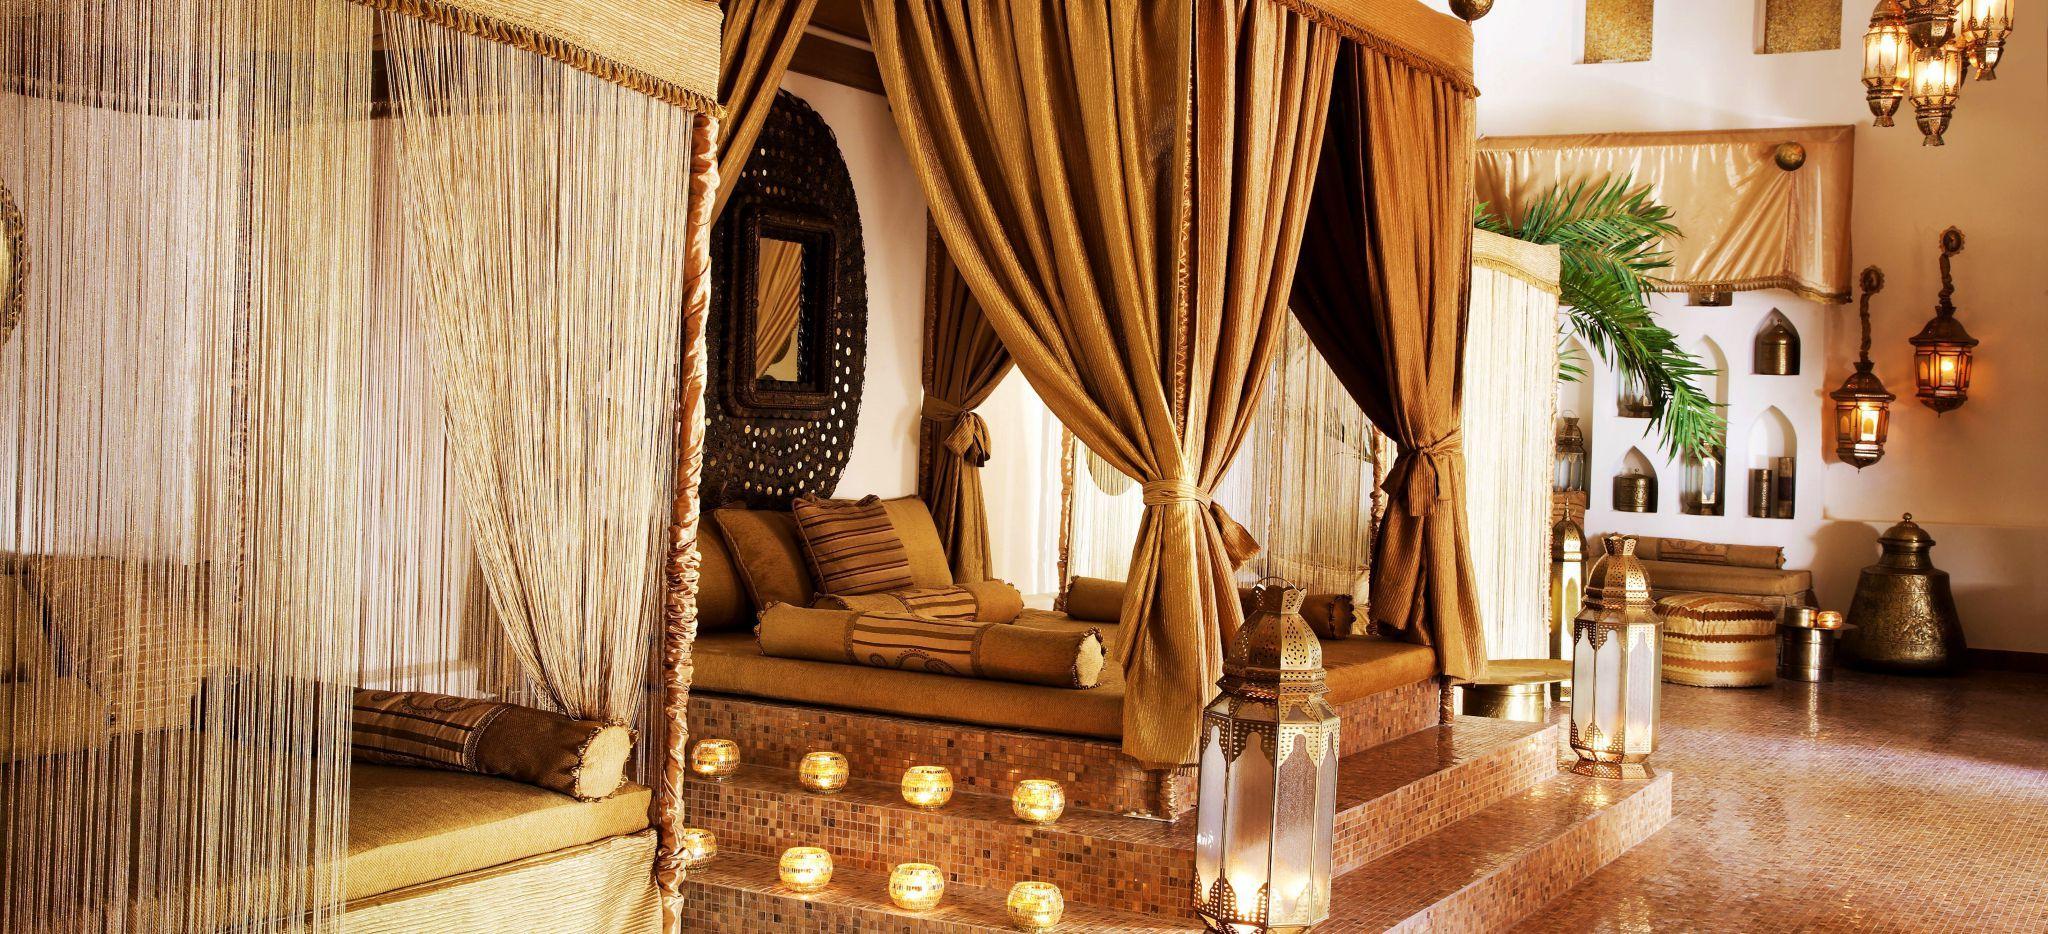 Ein sansibarisch-Omanisches Himmelbett in einer Wellness-Anlage